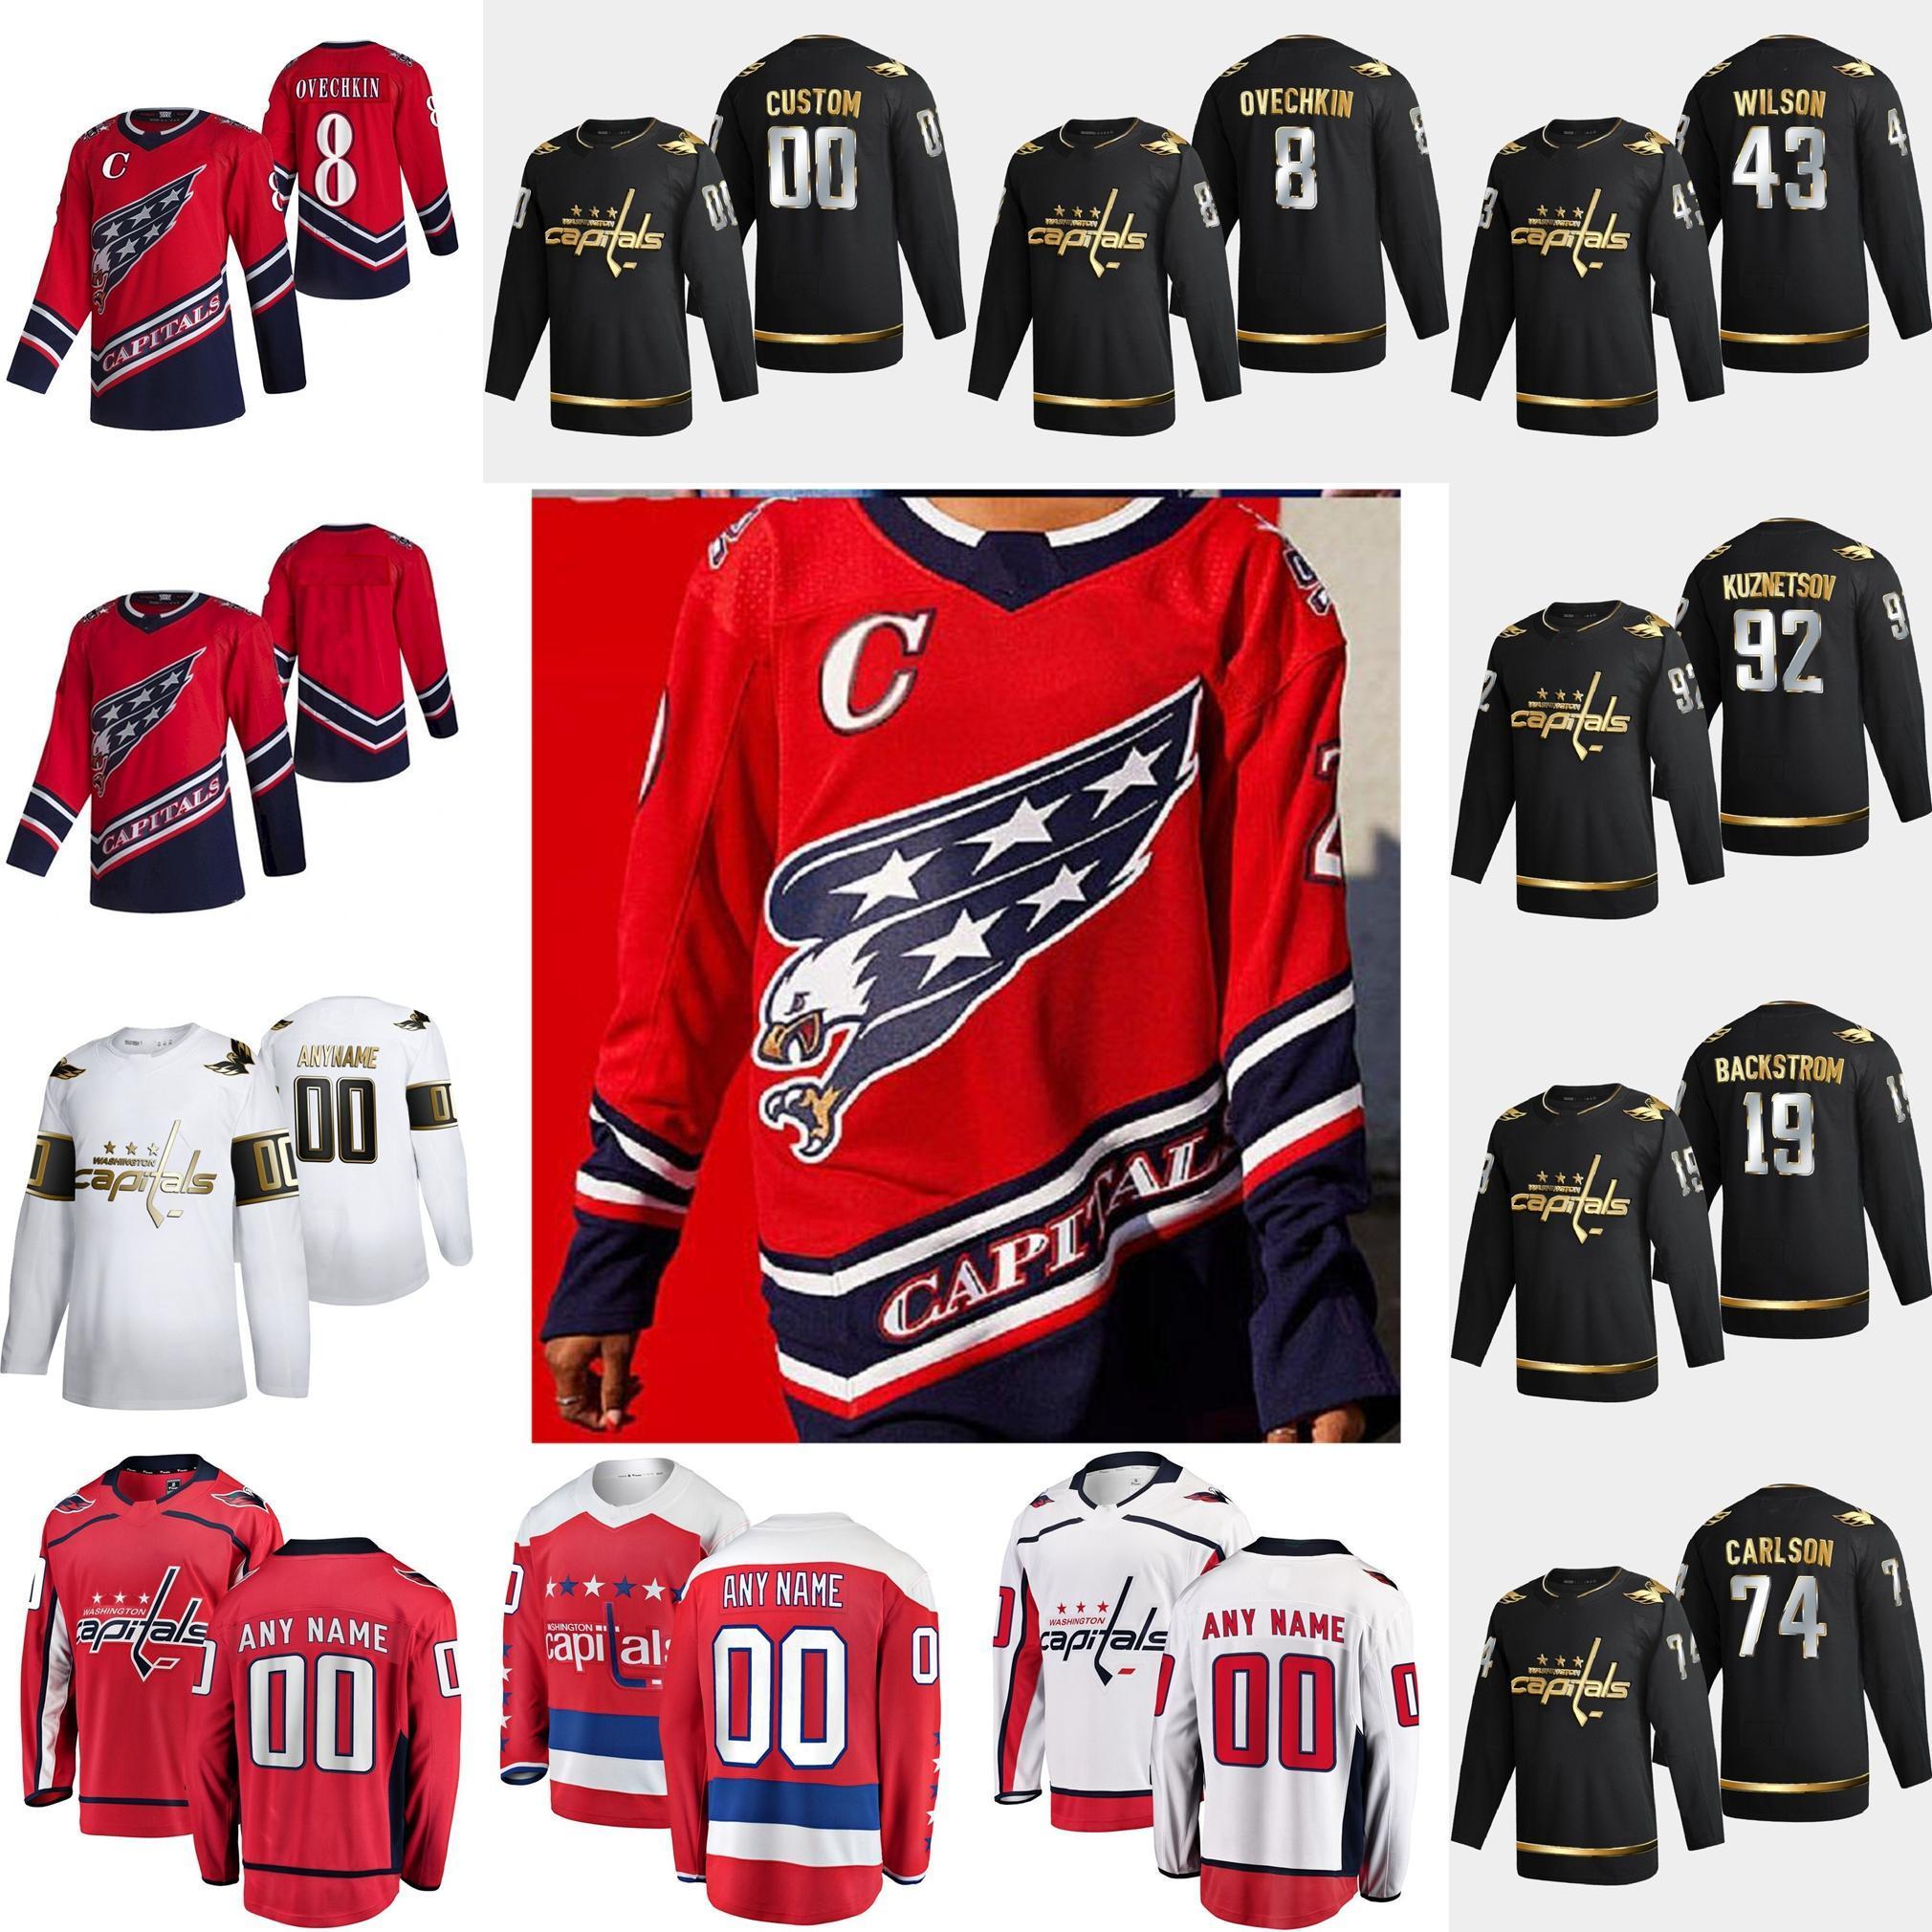 워싱턴 수도 2021 Reverse Retro Hockey Jerseys Alex Ovechkin Braden Holtby Tom Wilson T.J. Oshie Evgeny Kuznetsov 사용자 정의 스티치